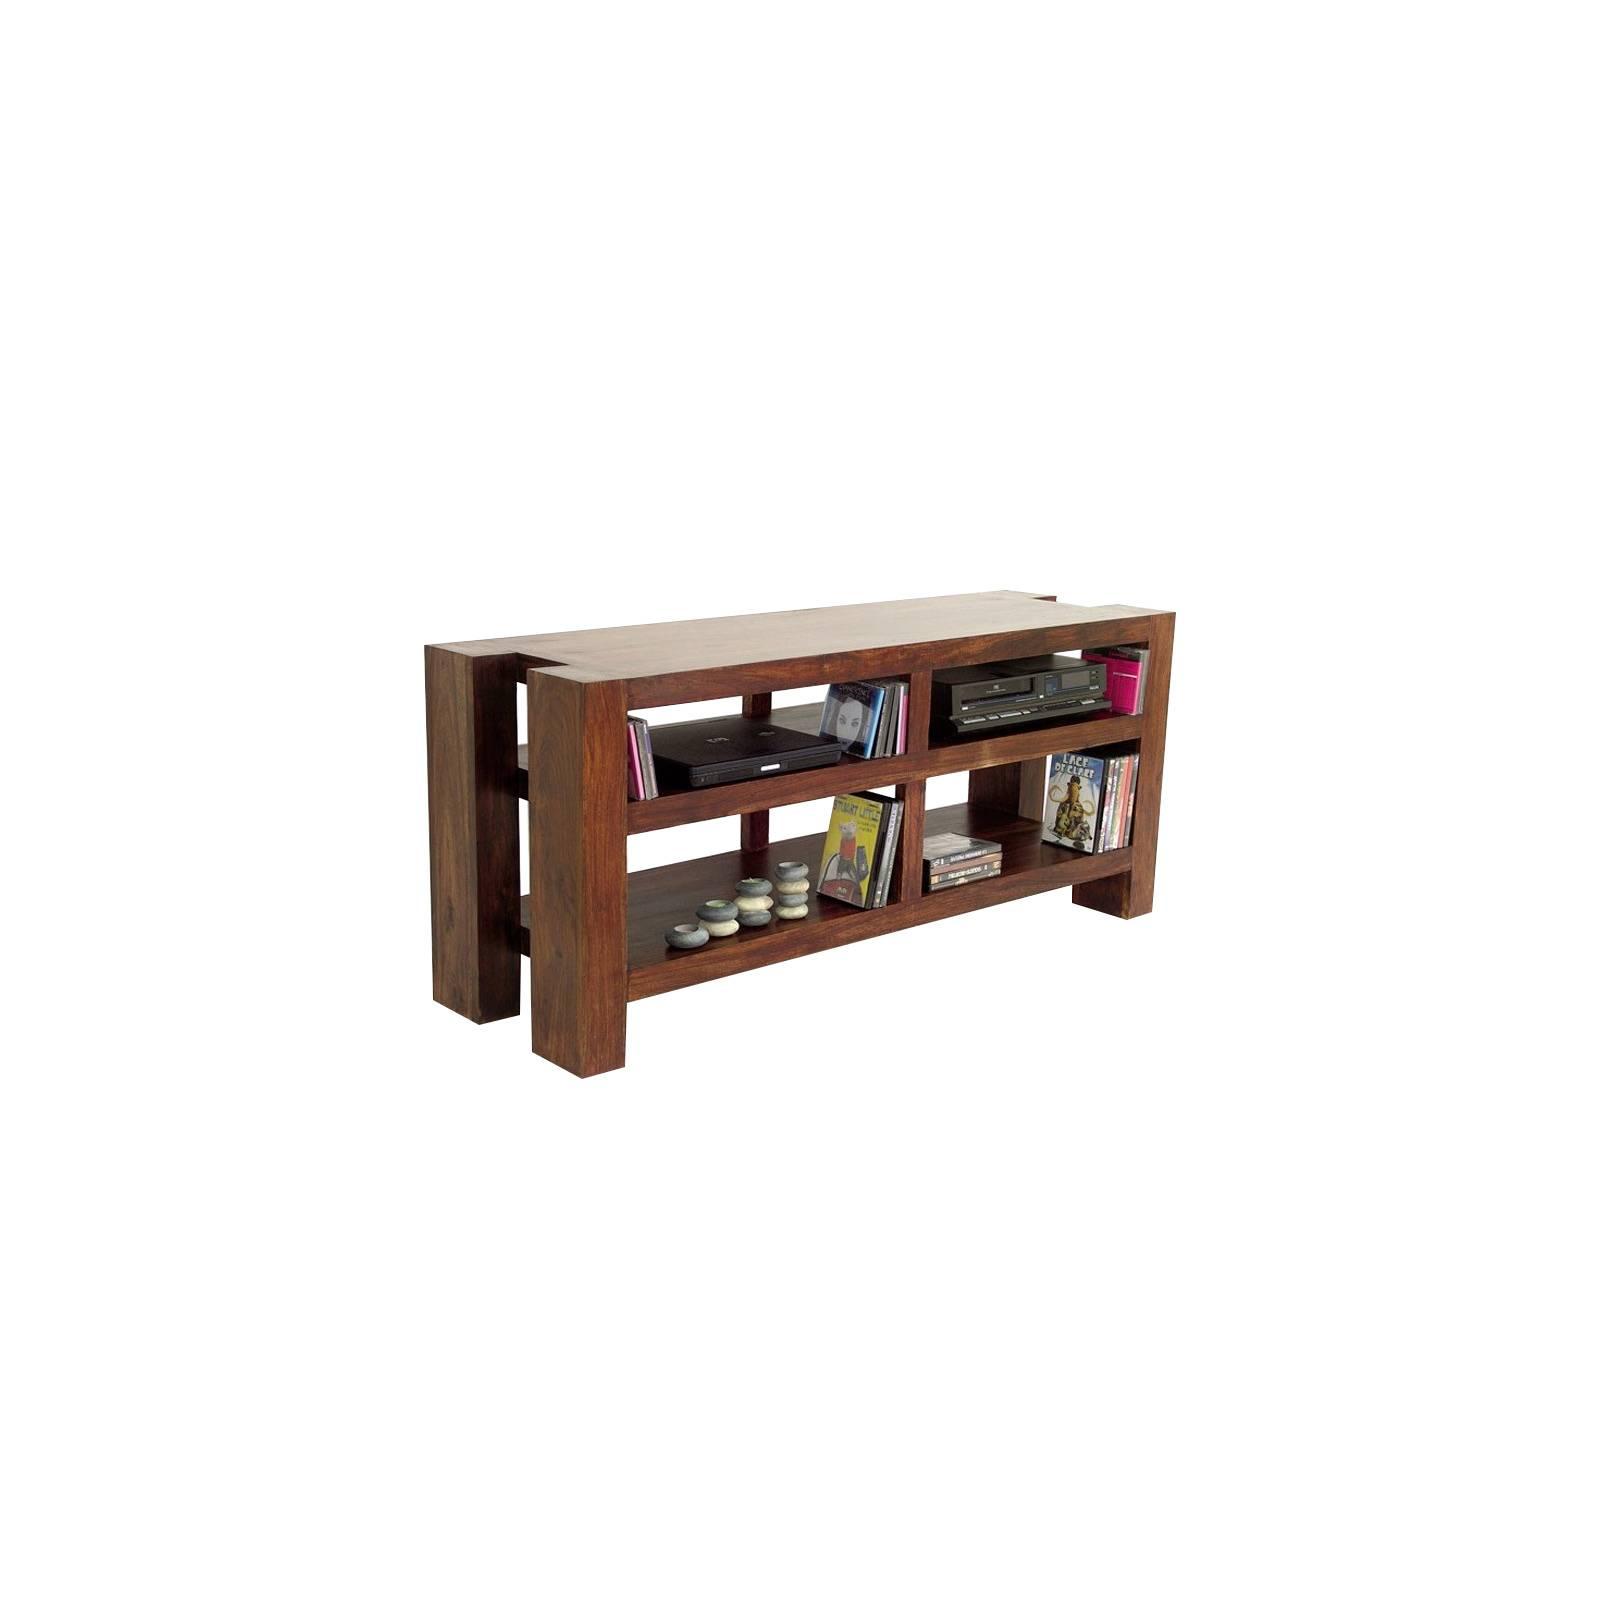 Meuble Tv Niches Palissandre Zen - meubles bois exotique